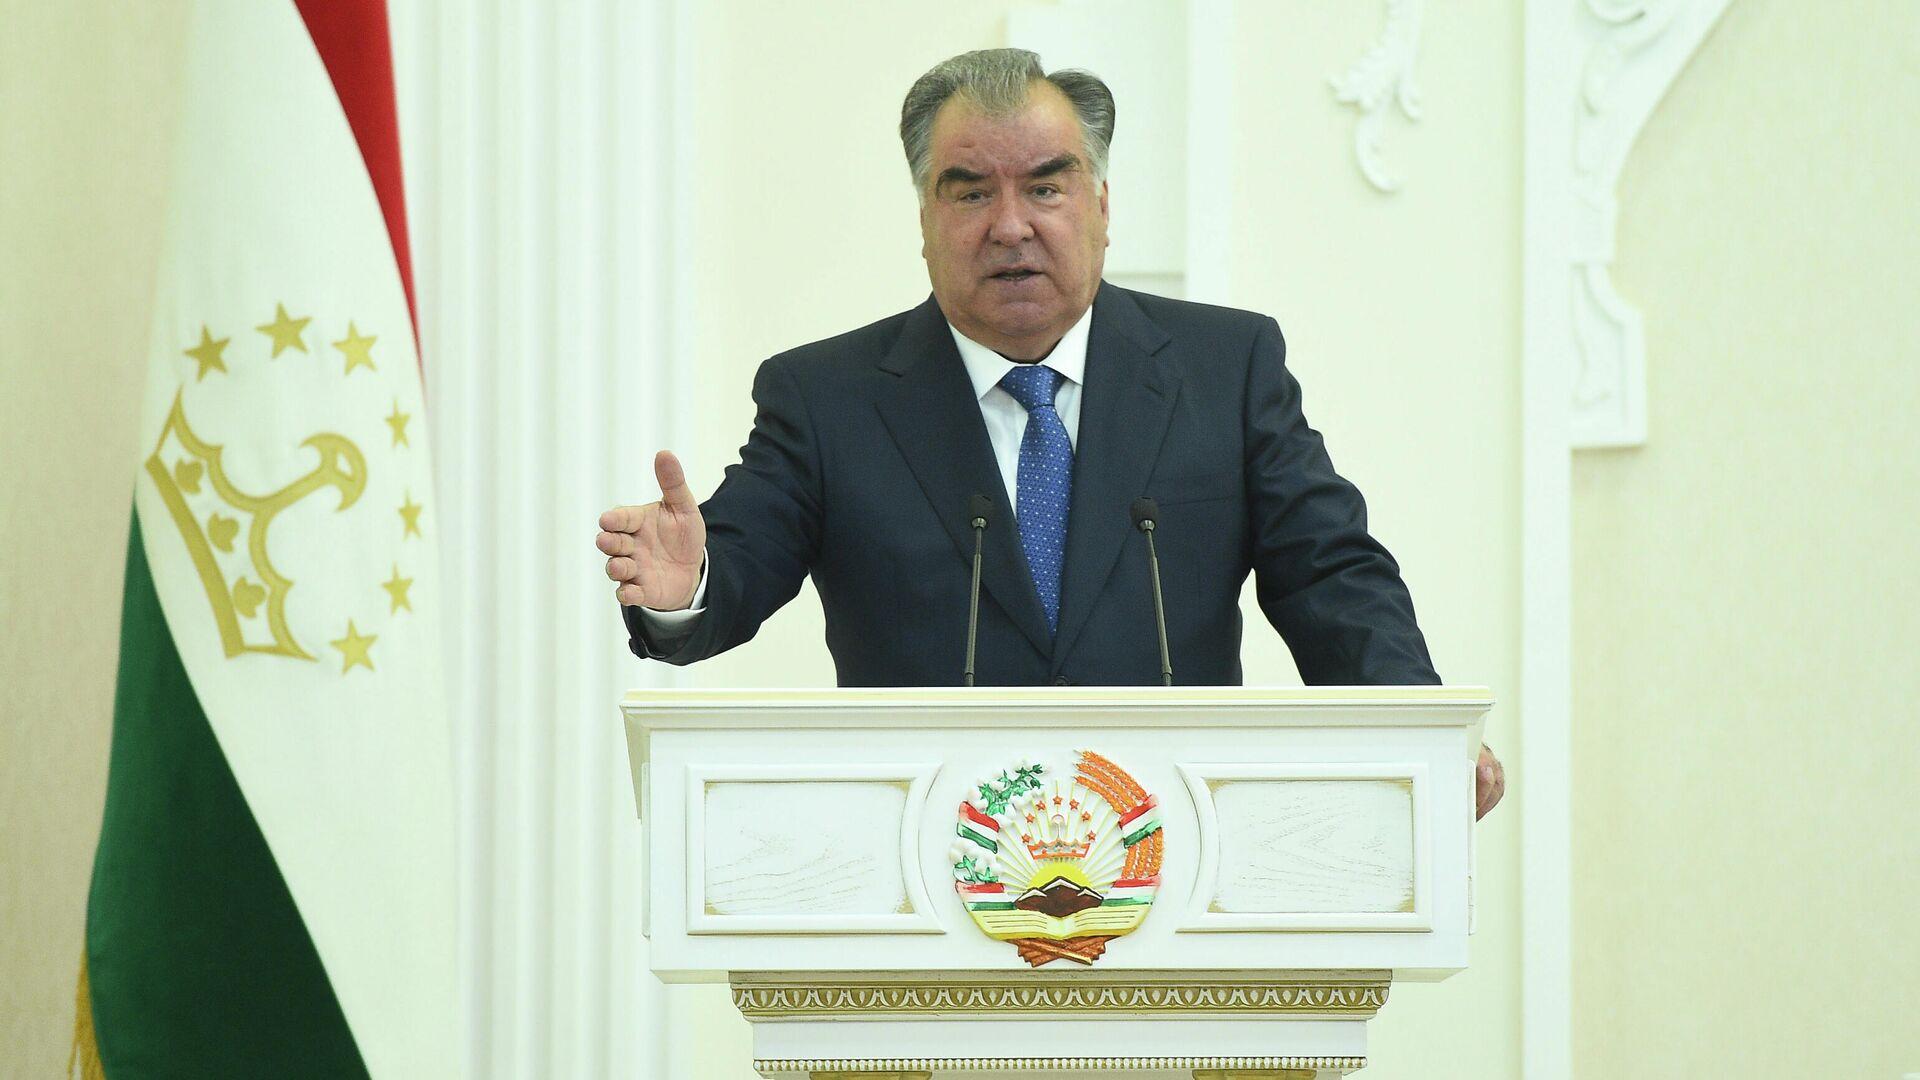 Президент Таджикистана Эмомали Рахмон - Sputnik Таджикистан, 1920, 26.06.2021